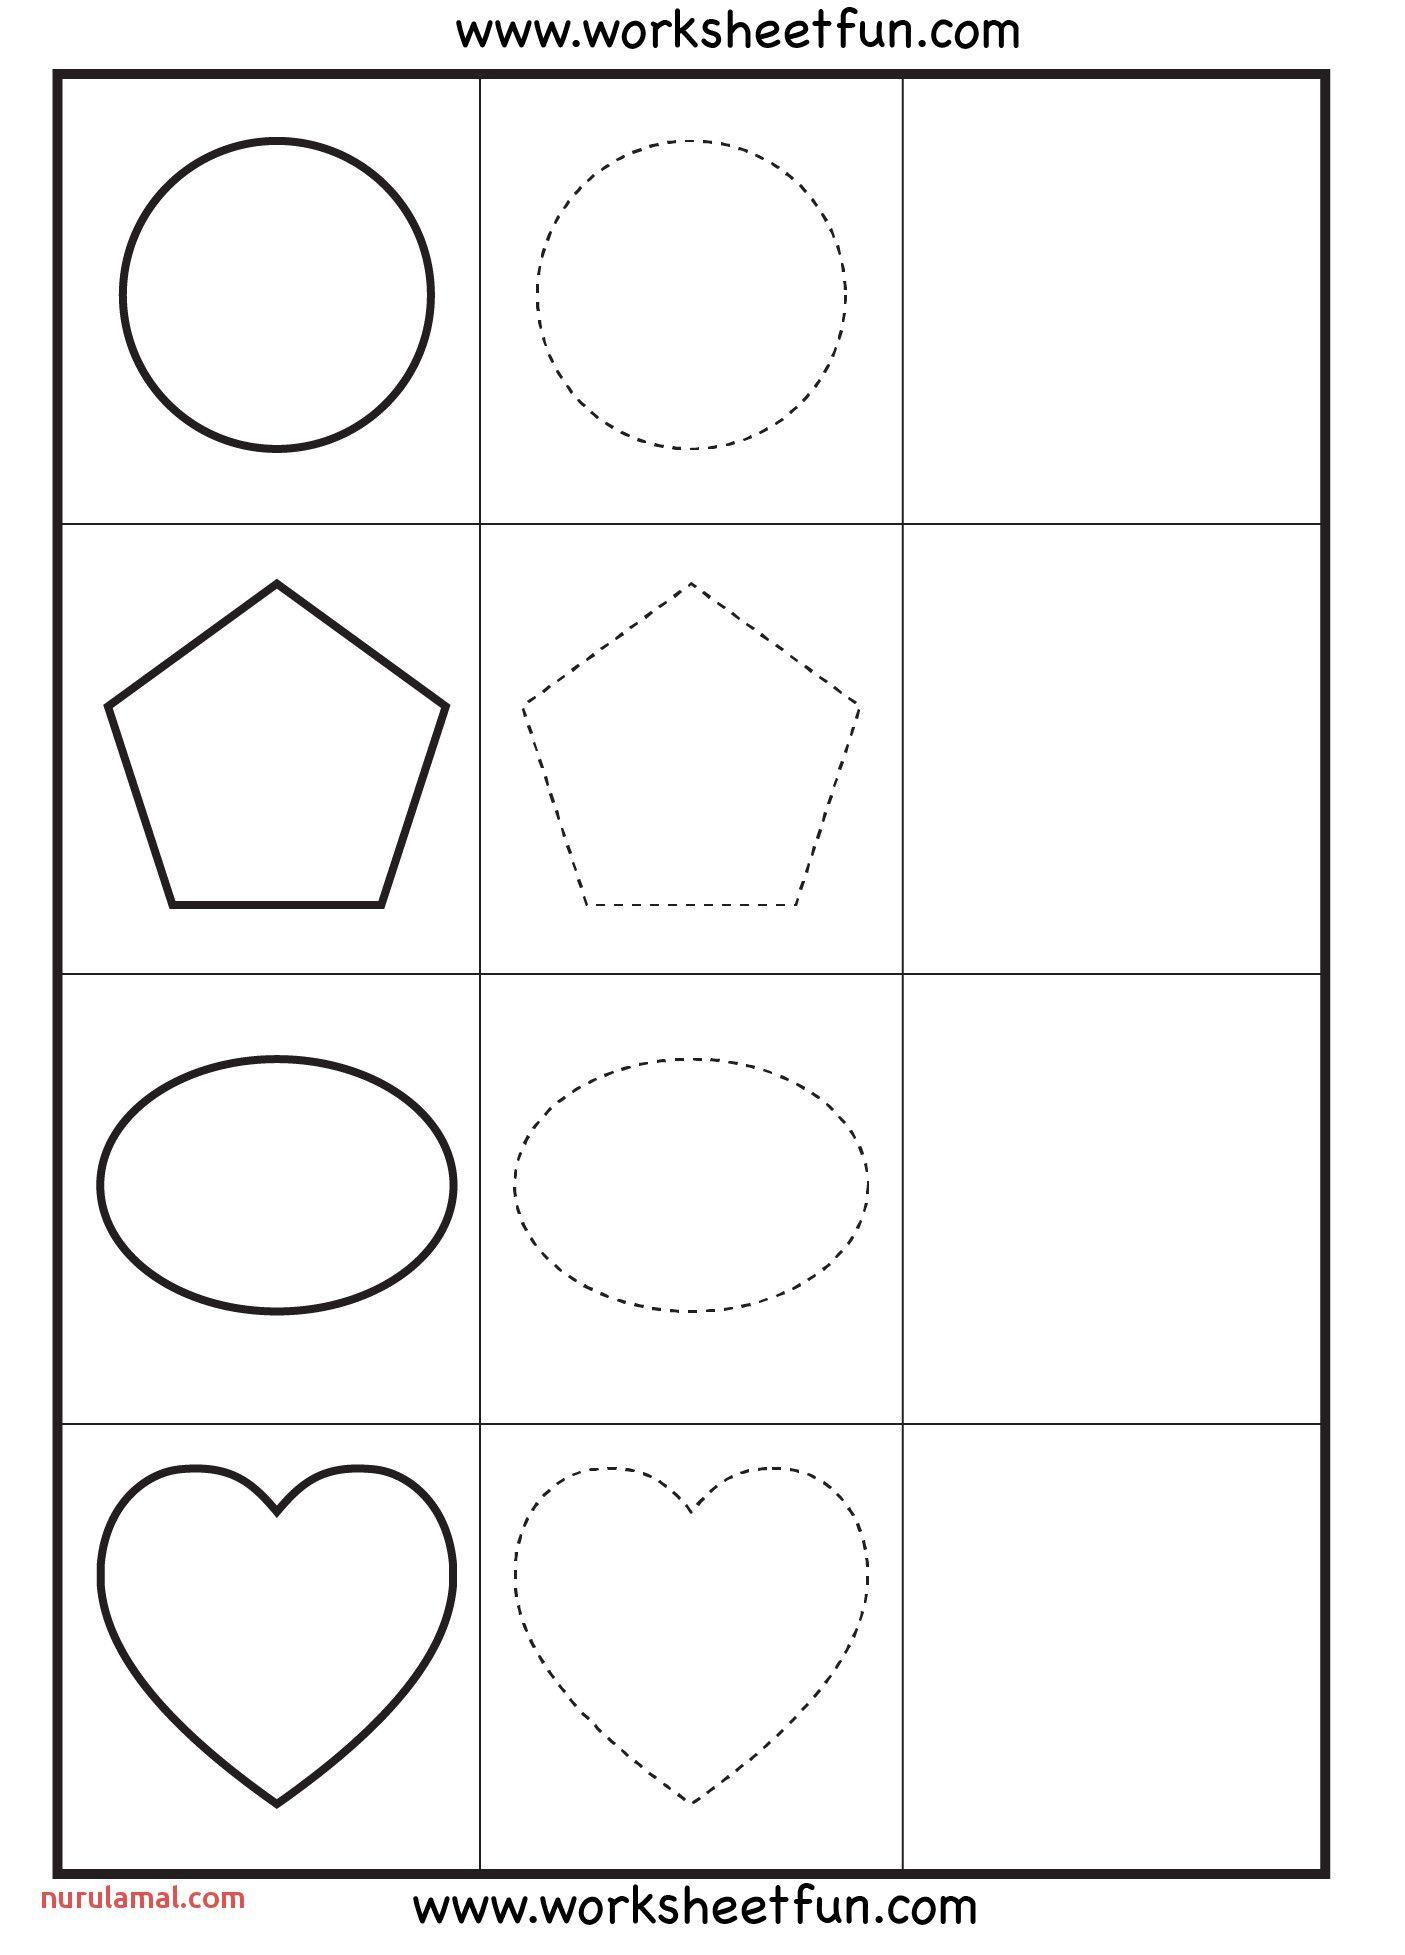 Preschool Tracing Practice Worksheets In